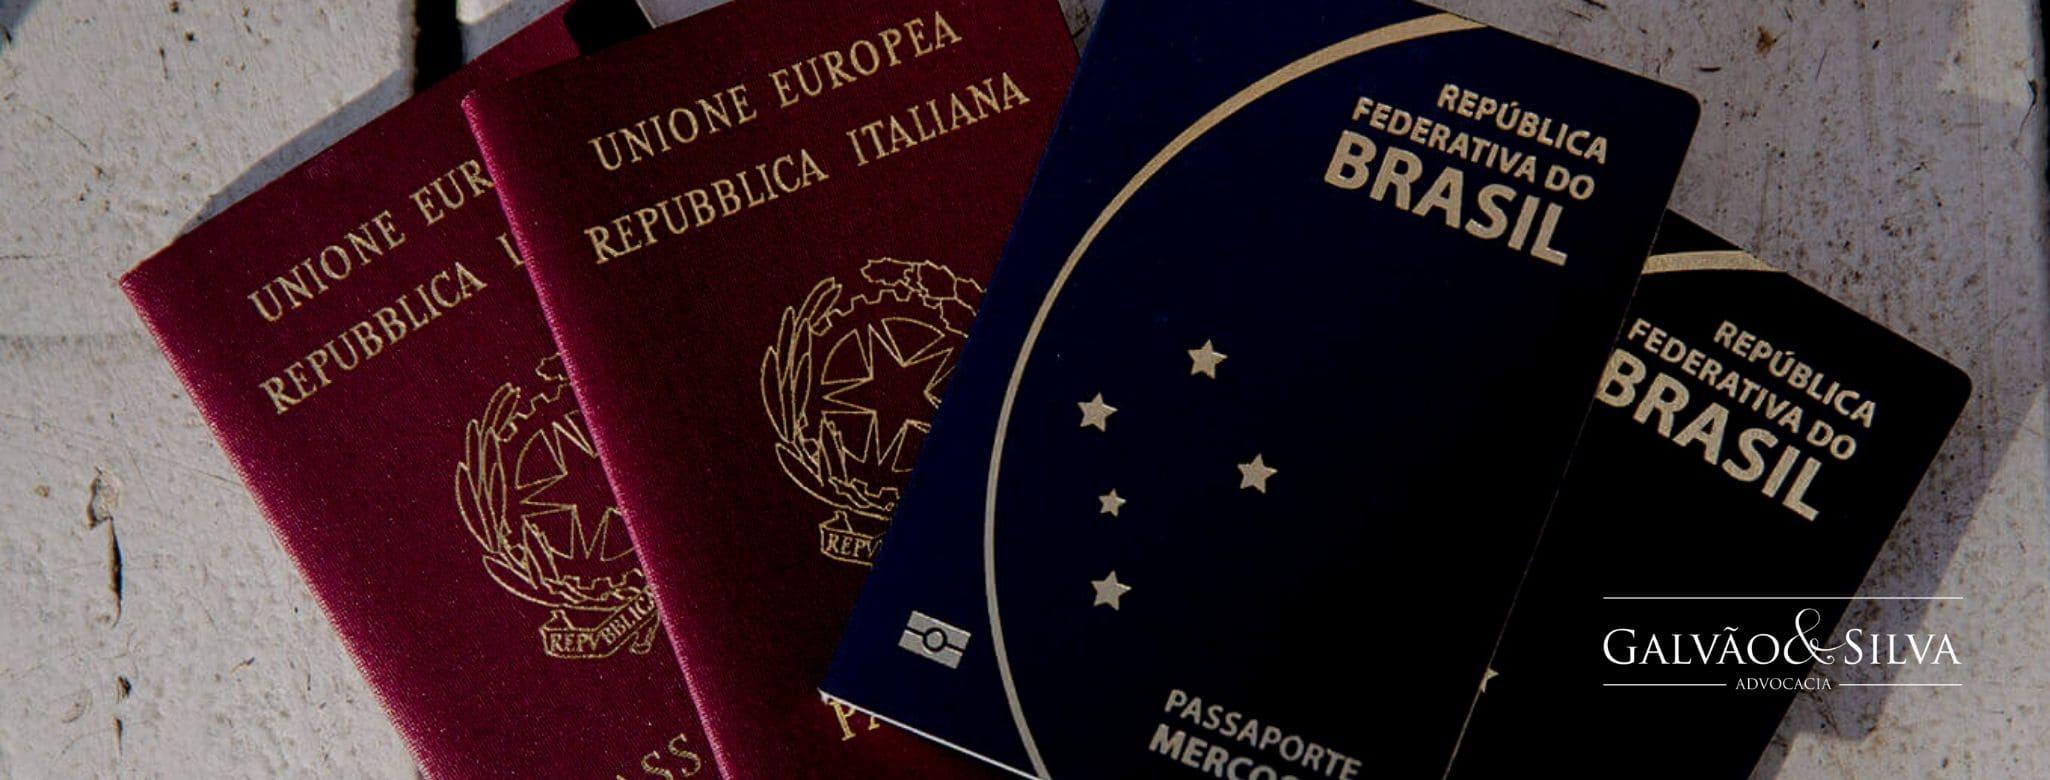 Direito ao reconhecimento da Cidadania Italiana